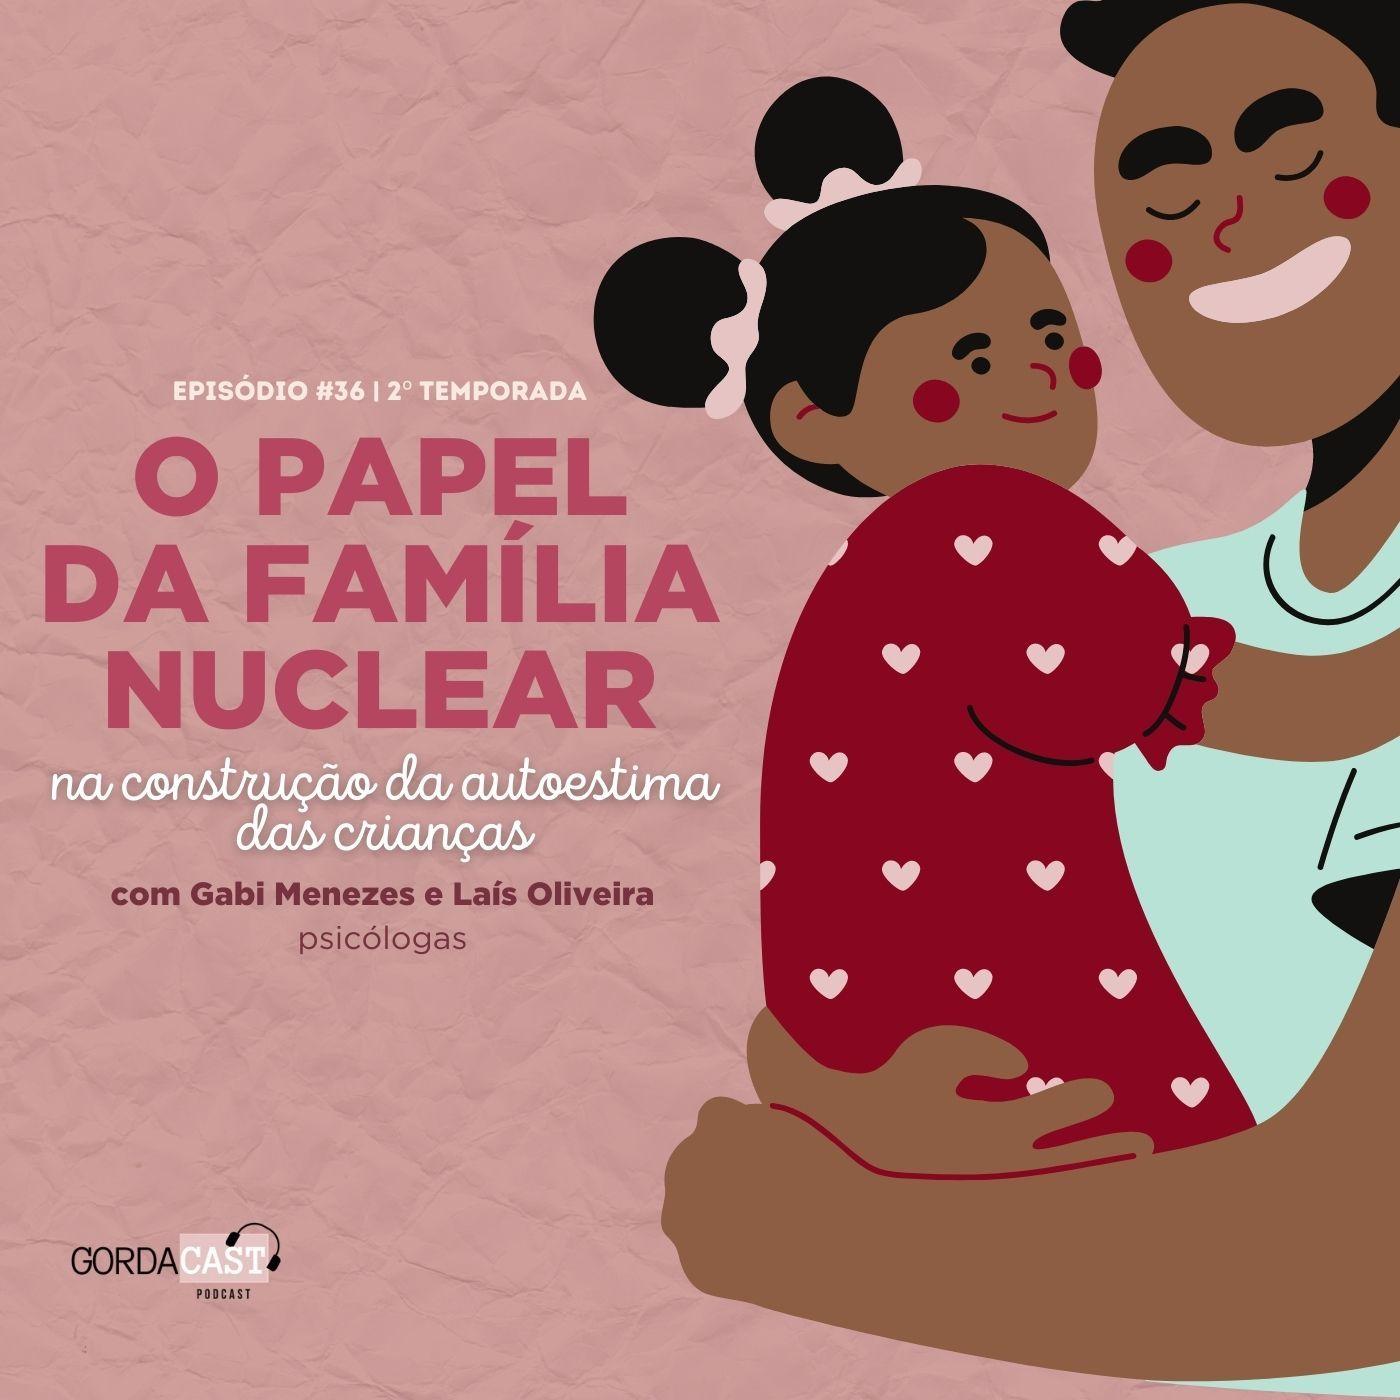 GordaCast #35   O papel da família nuclear na construção da autoestima das crianças com Gabi Menezes e Laís Oliveira